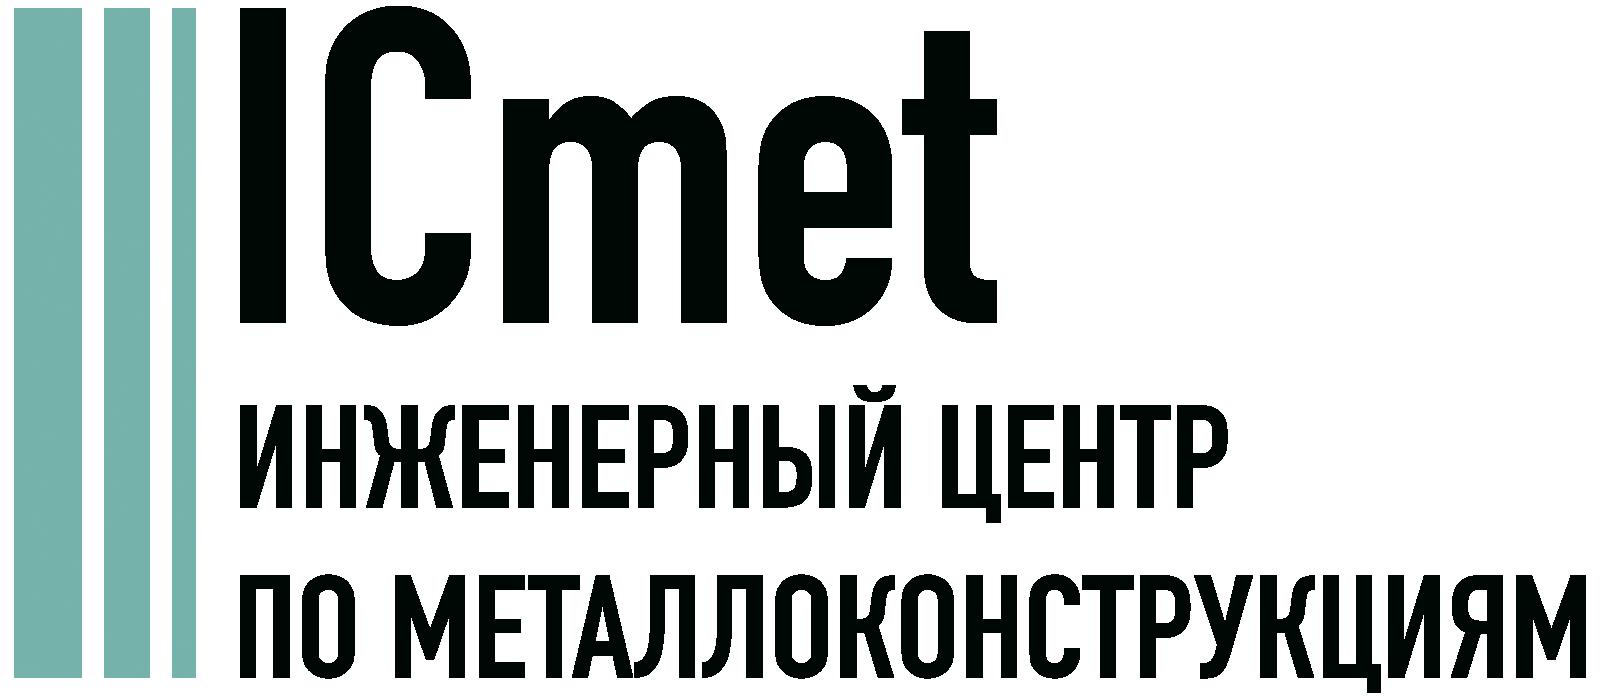 Проектирование металлоконструкций в Самаре